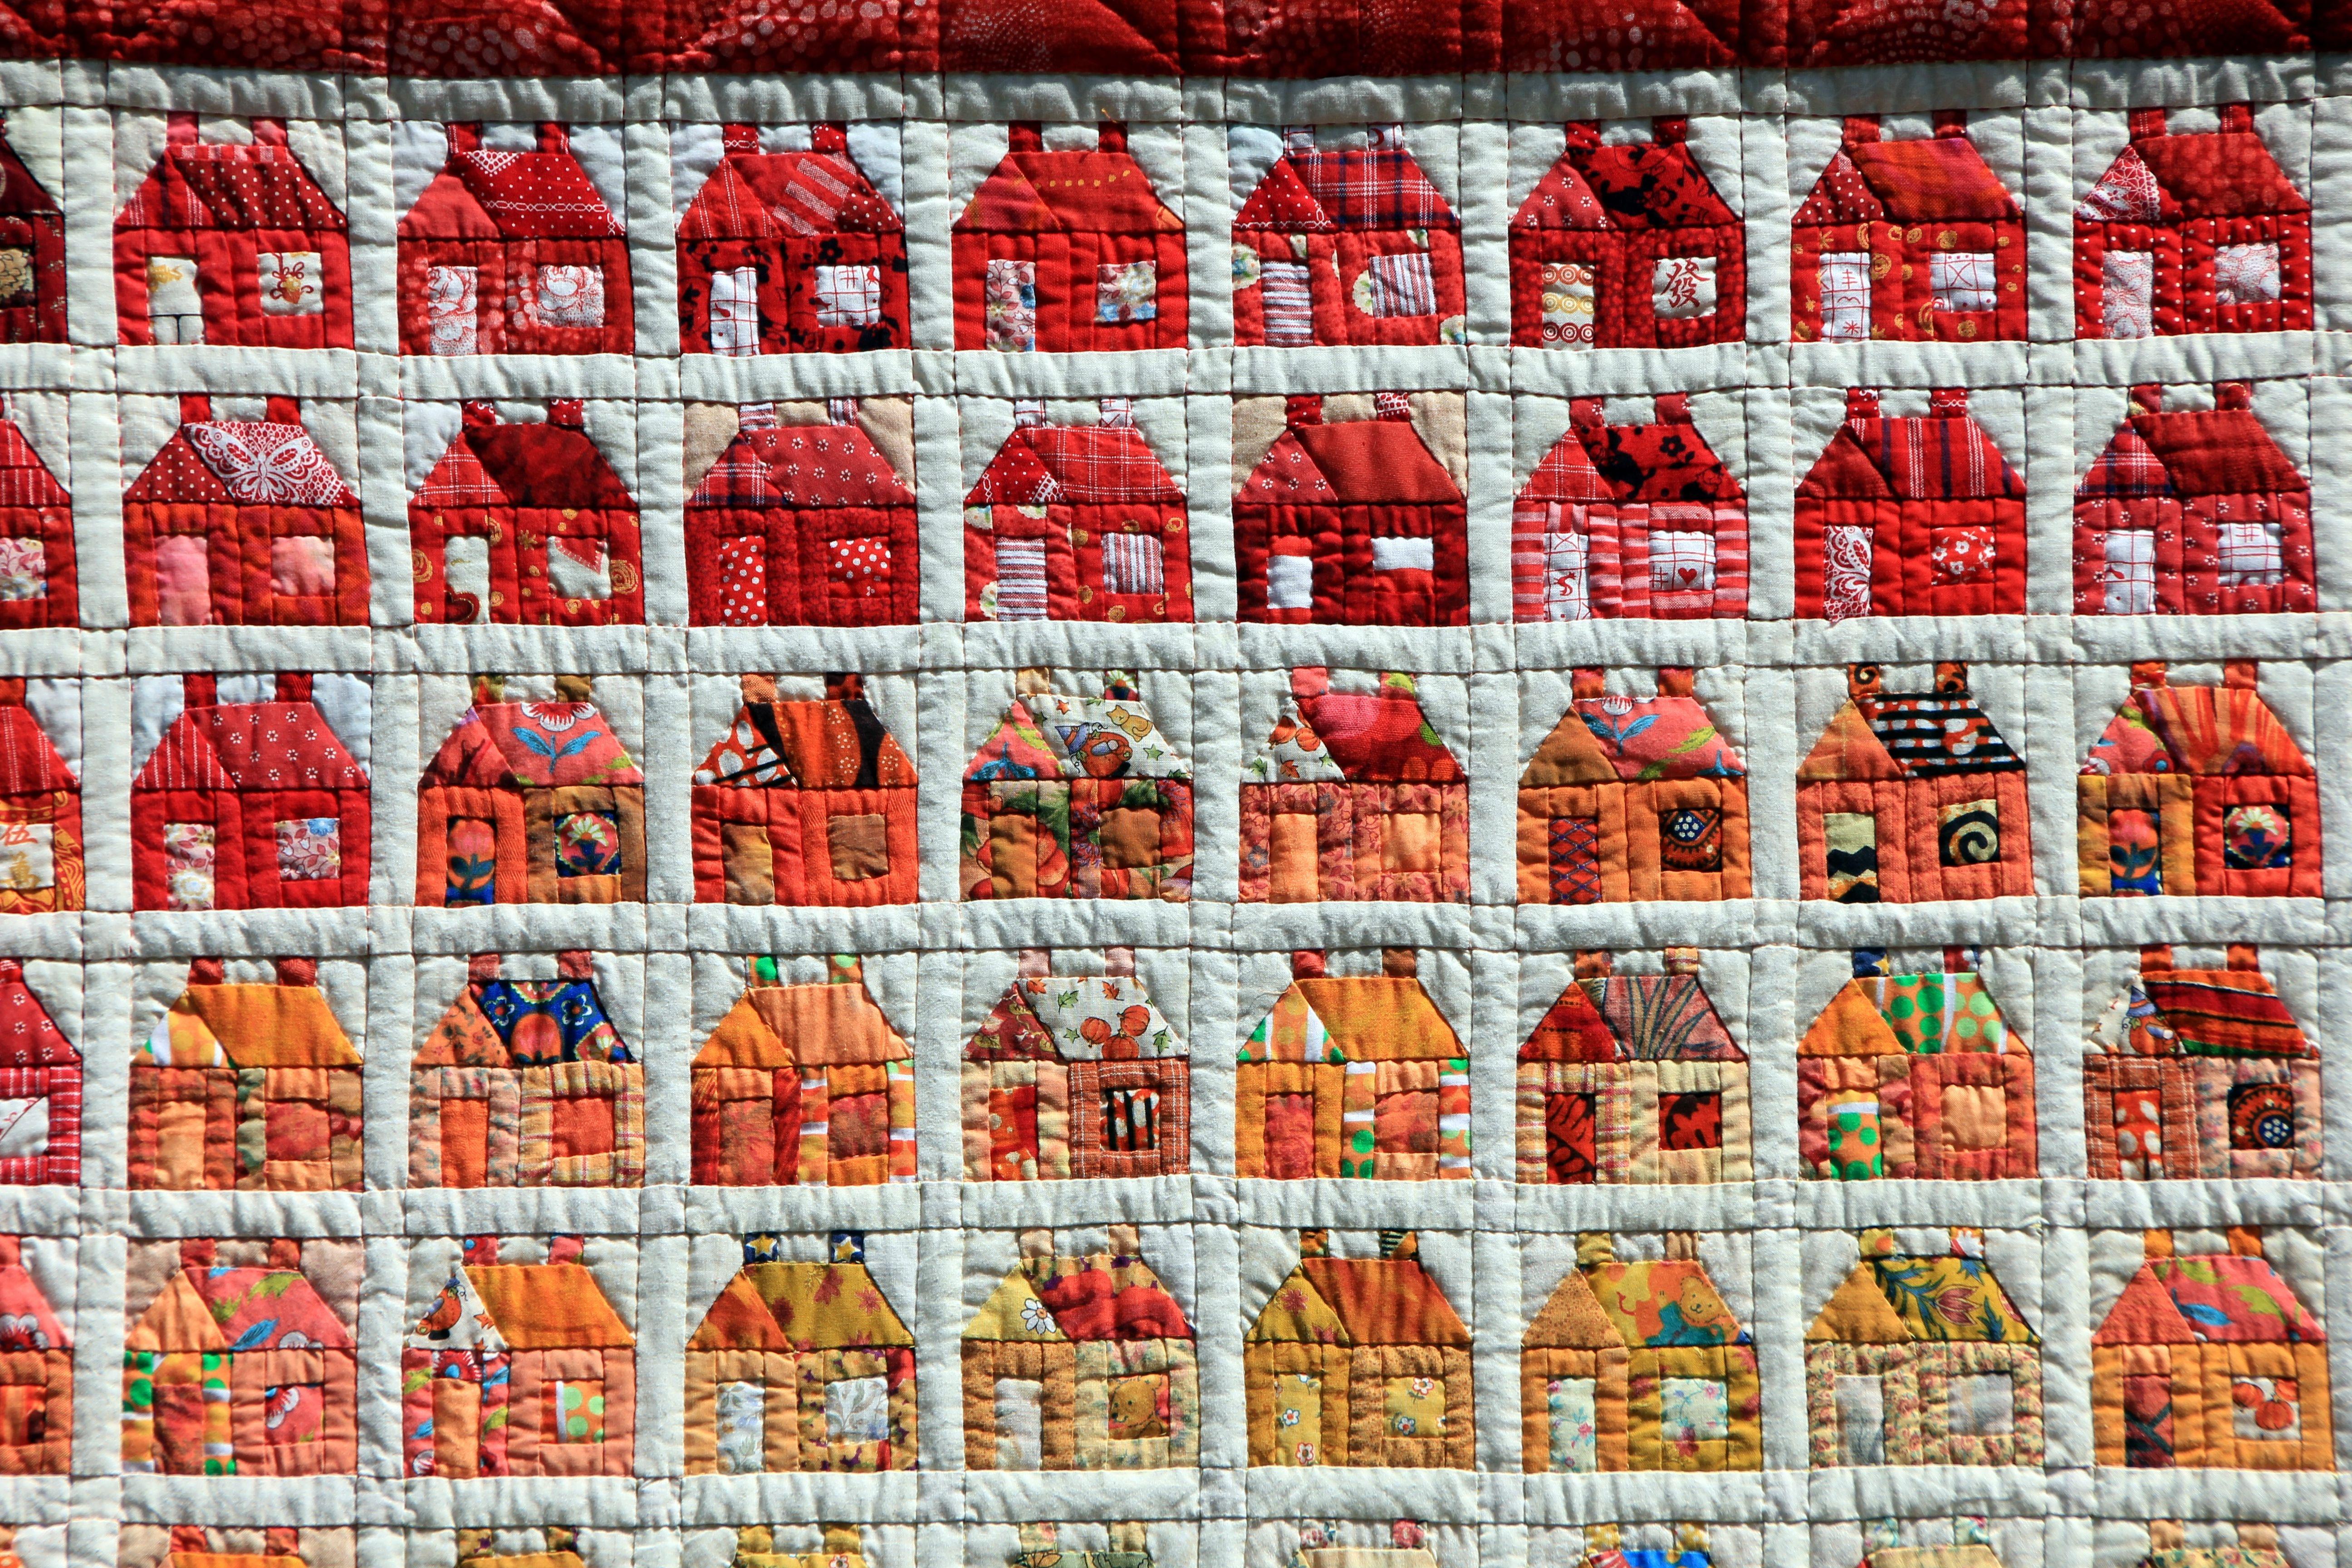 Kostenlose foto : Zuhause, Muster, rot, Ziegel, nähen, Patchwork ...